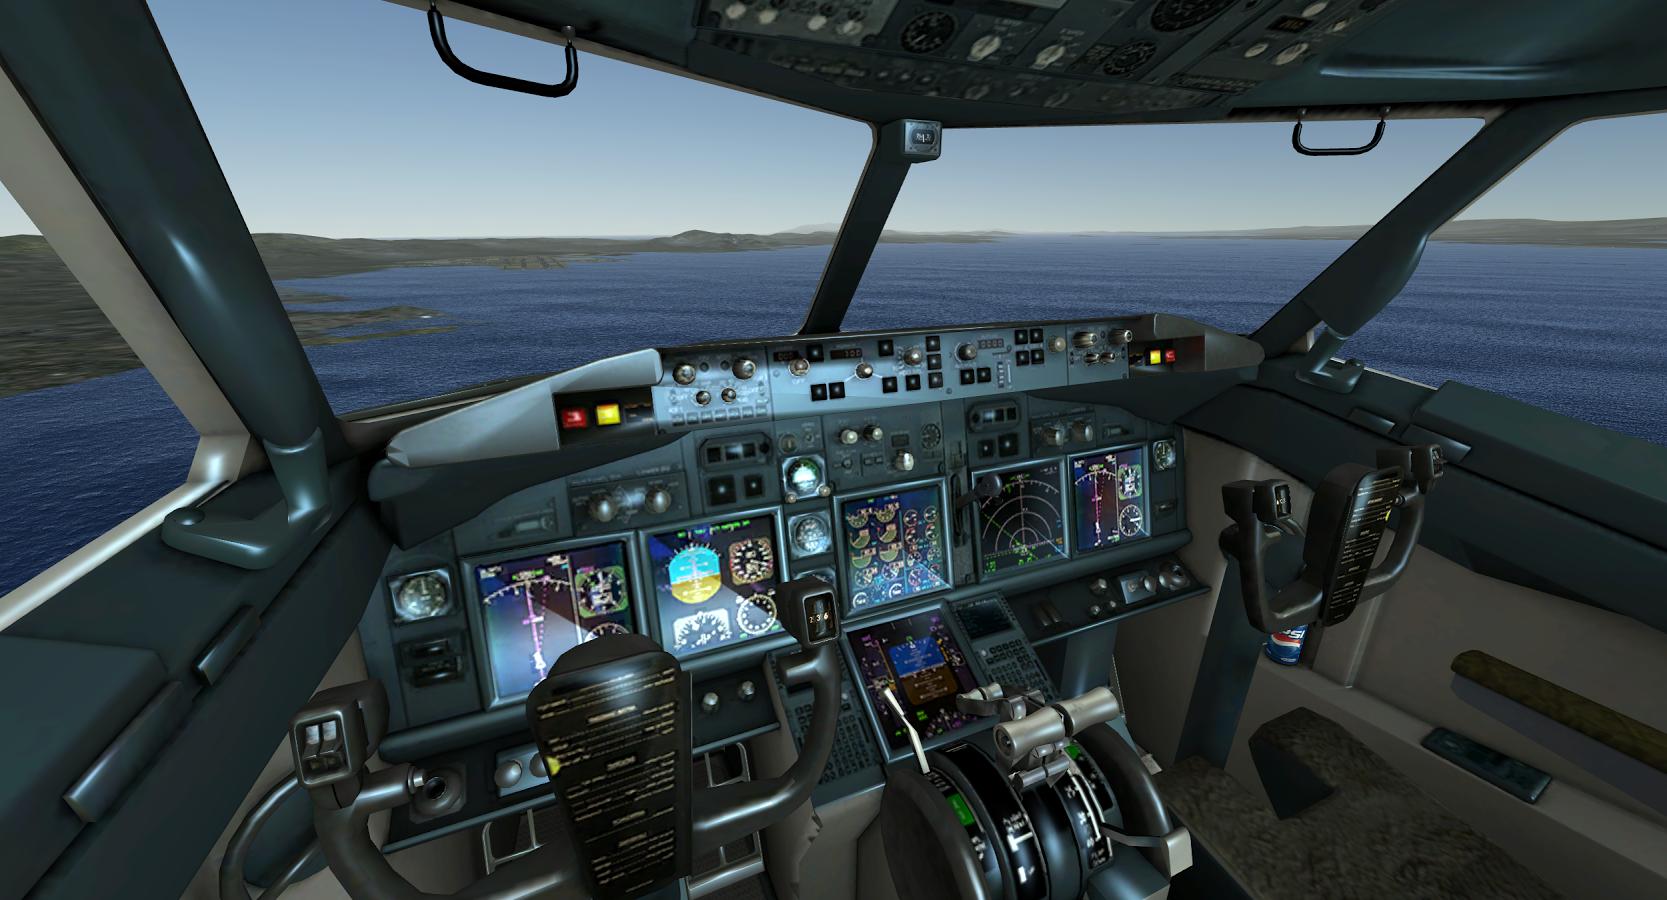 Скачать онлайн игру симулятор самолета